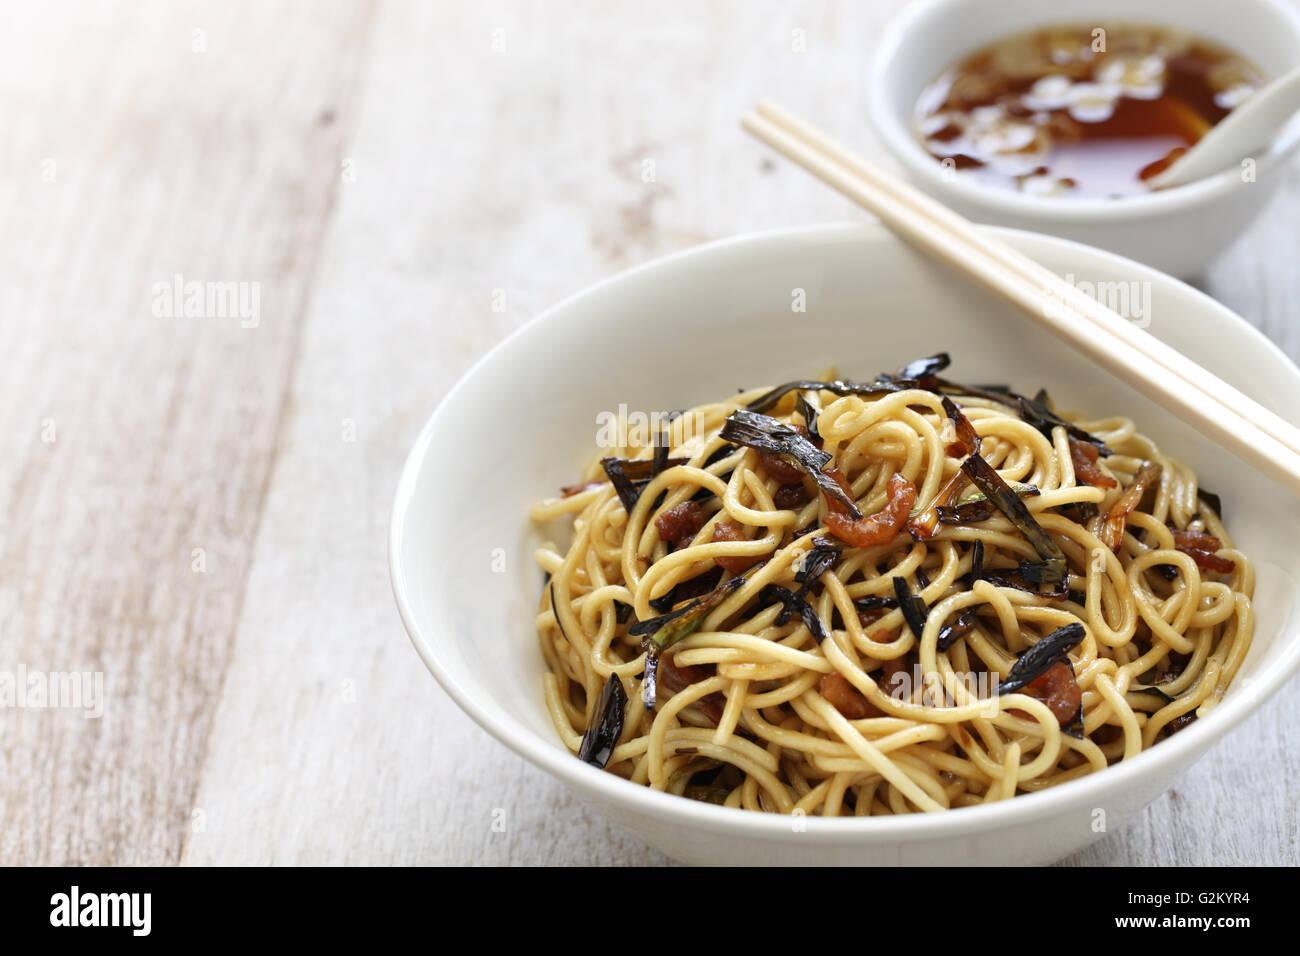 Nouilles avec de l'huile de l'oignon vert et la sauce soja, le chinois Shanghai Food Photo Stock